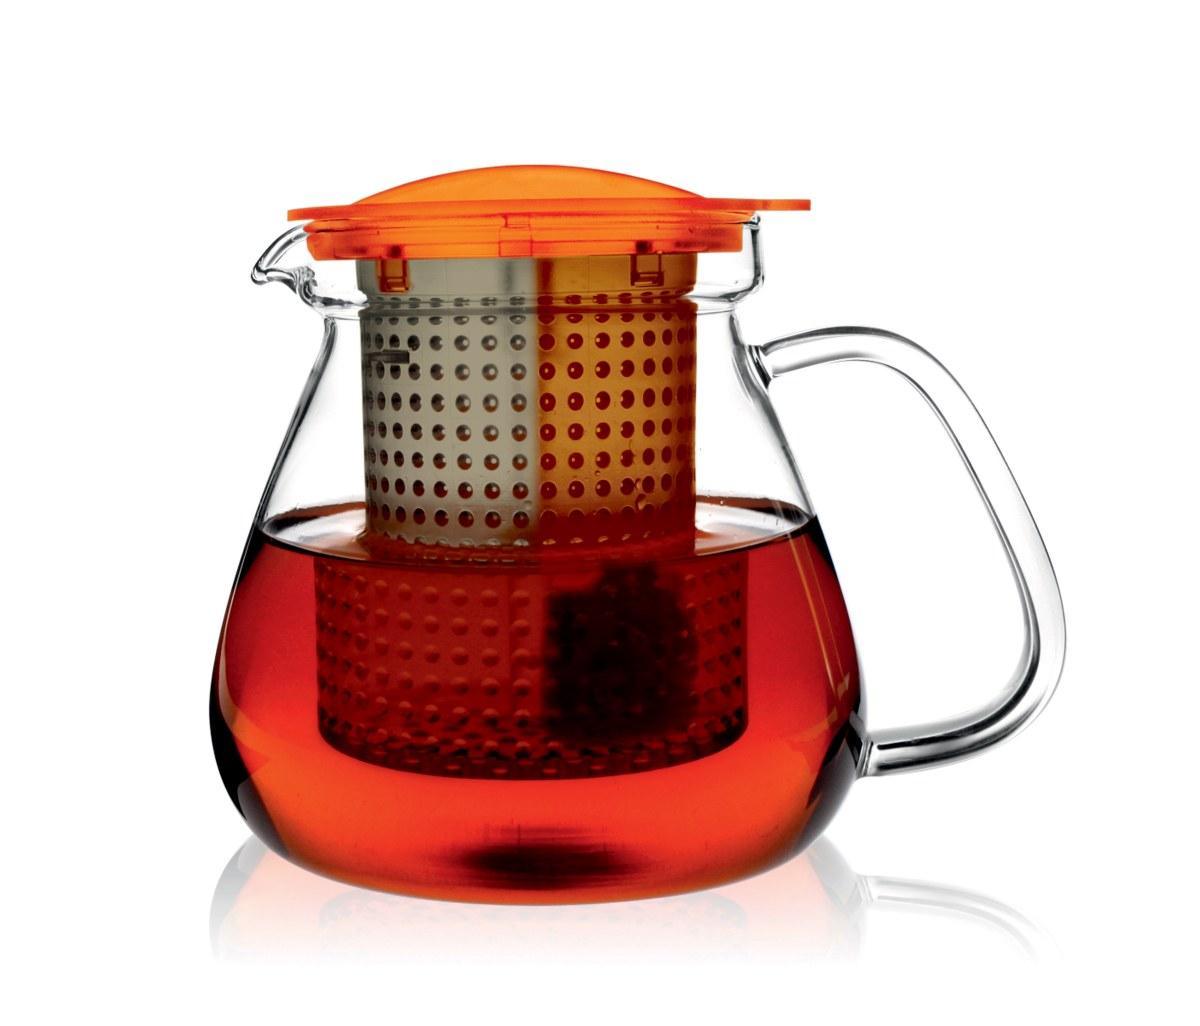 Skleněná konvice na čaj FINUM Tea Control 1 litr, jentarová